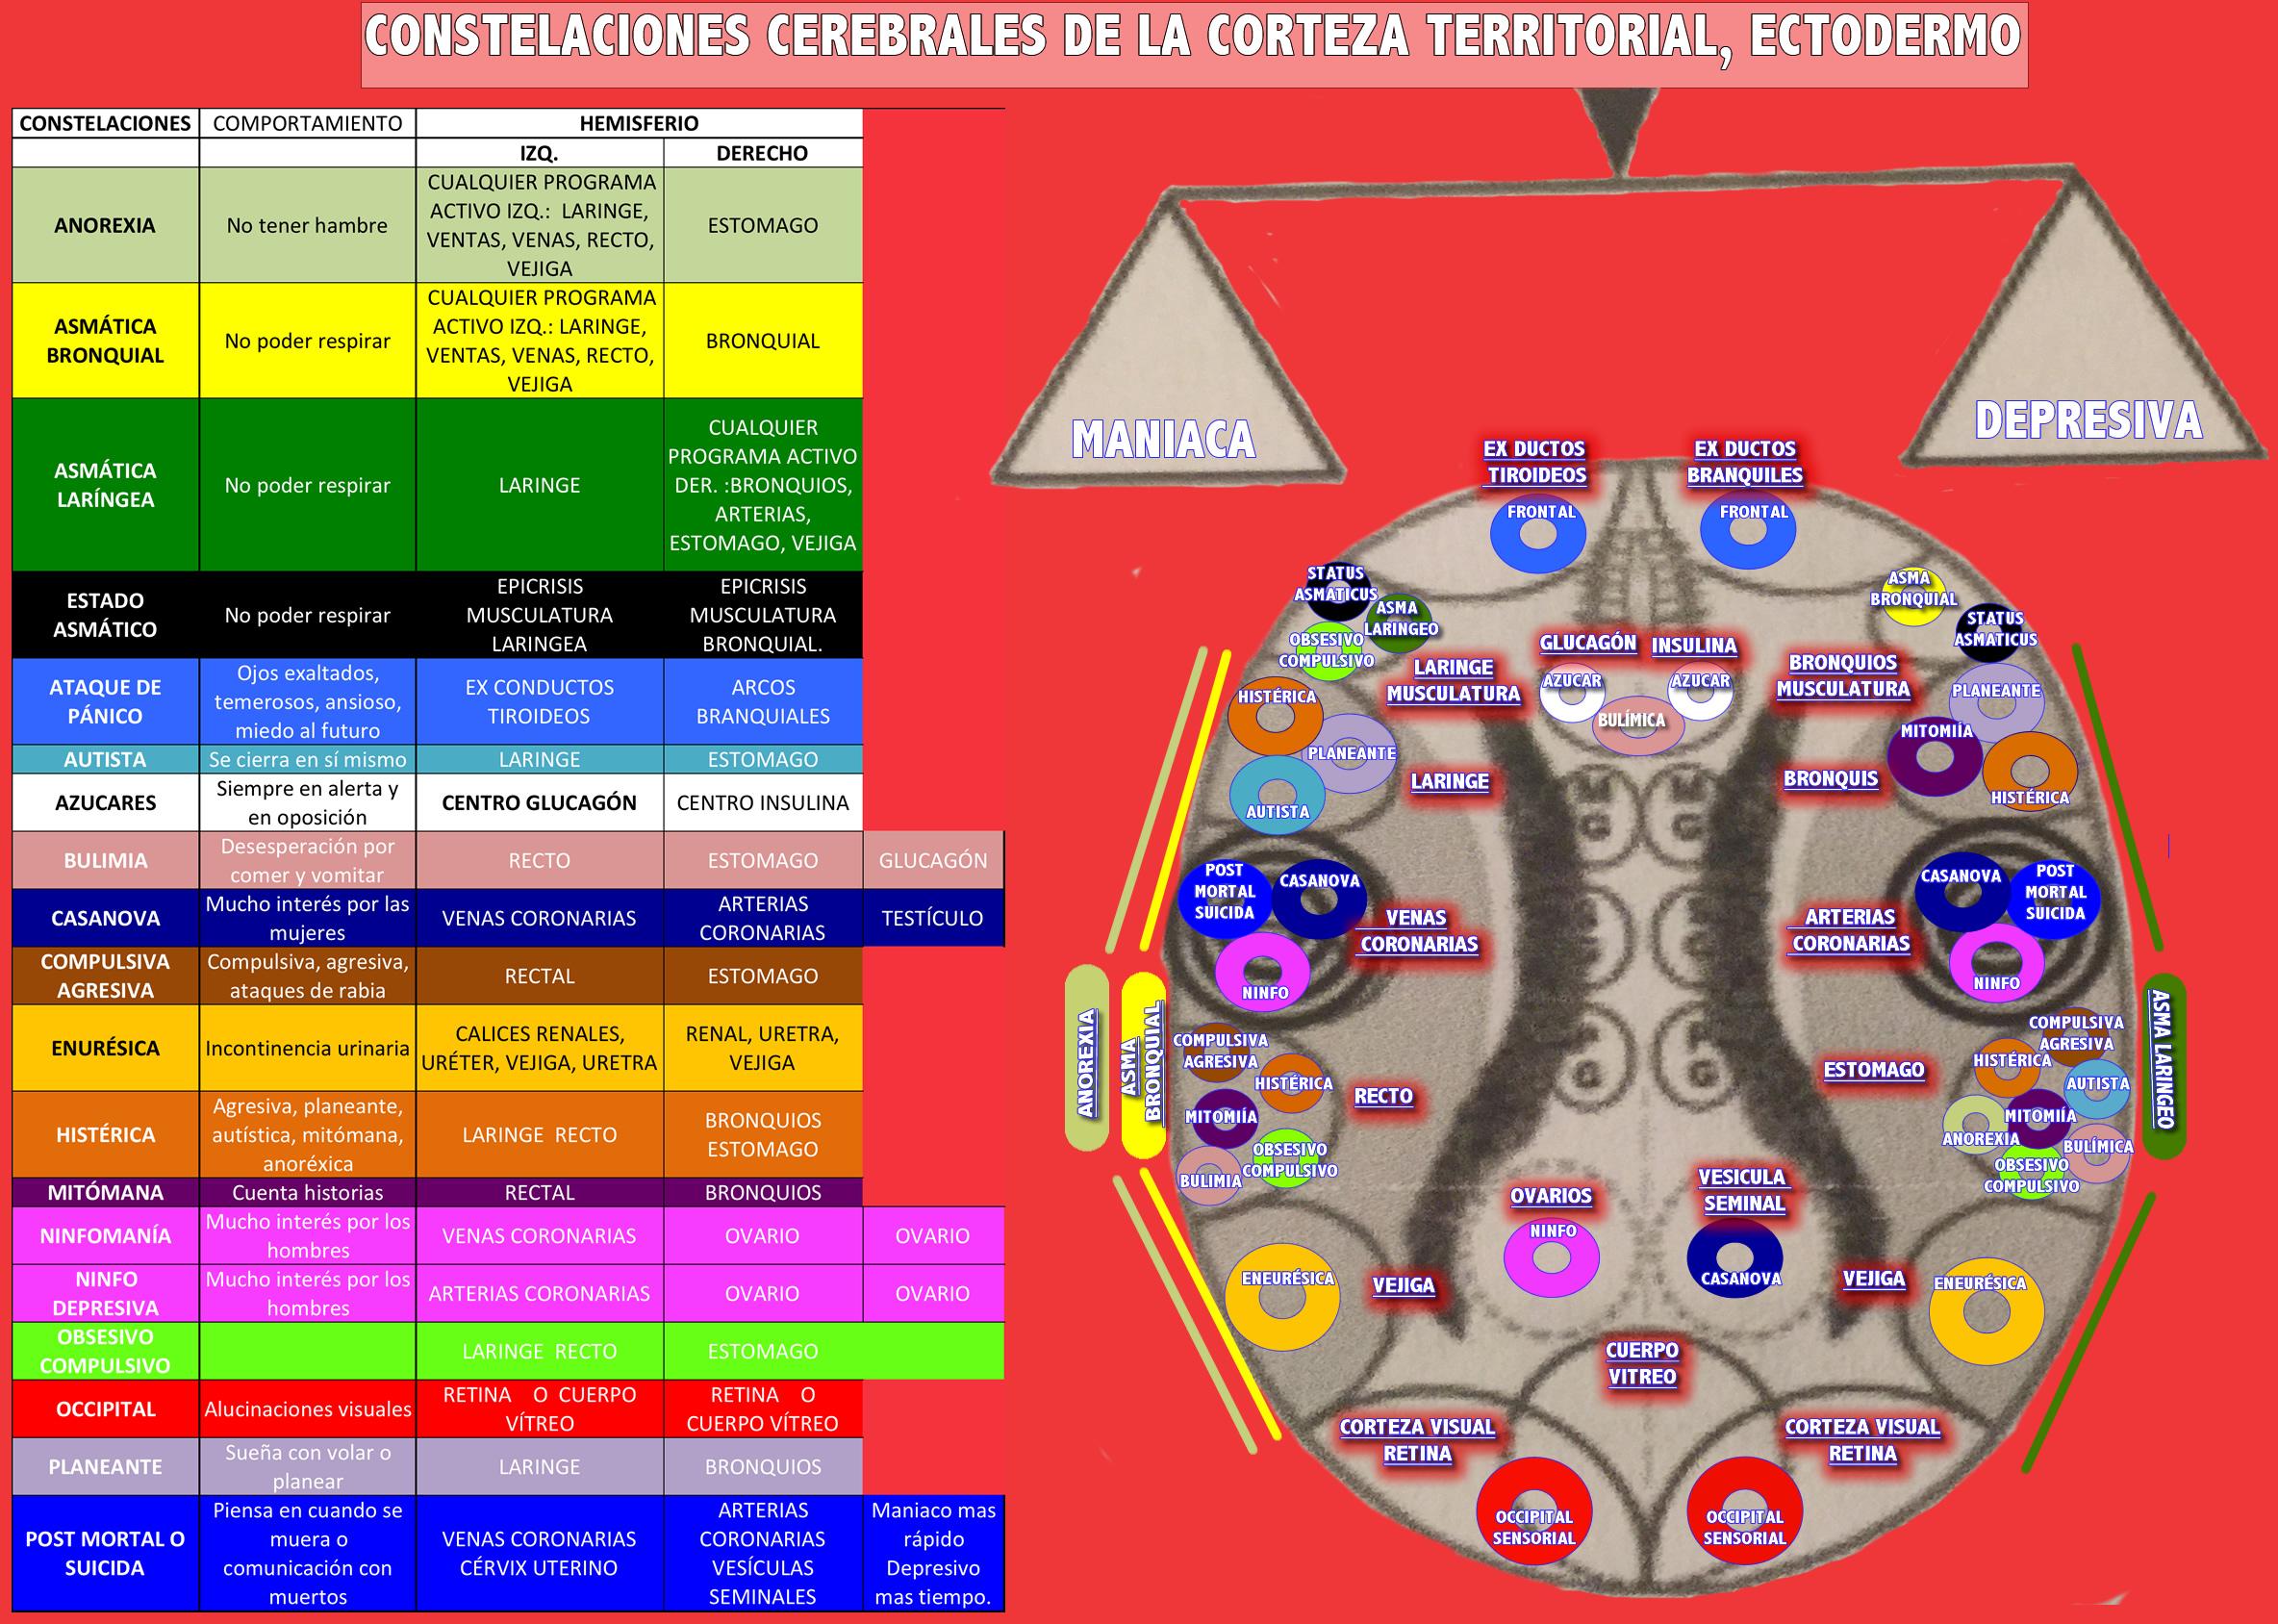 CONSTELACIONES CEREBRALES DE LA CORTEZA TERRITORIAL, ECTODERMO